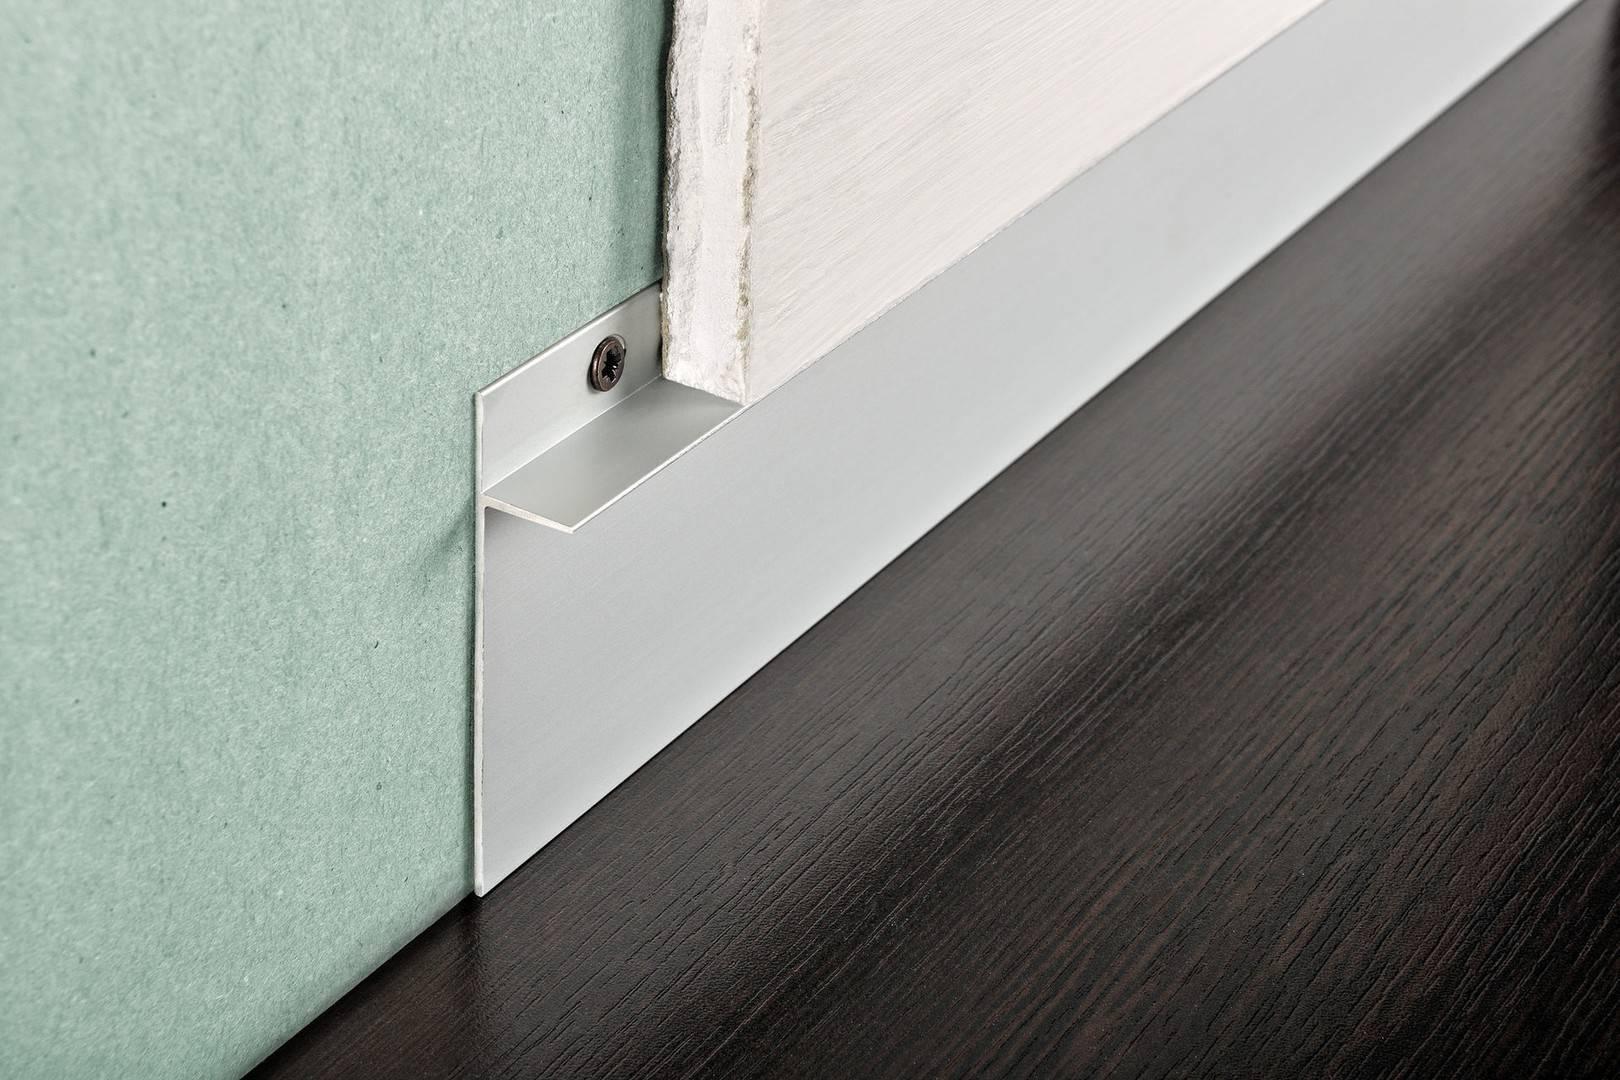 Алюминиевый плинтус: напольный, мебельный